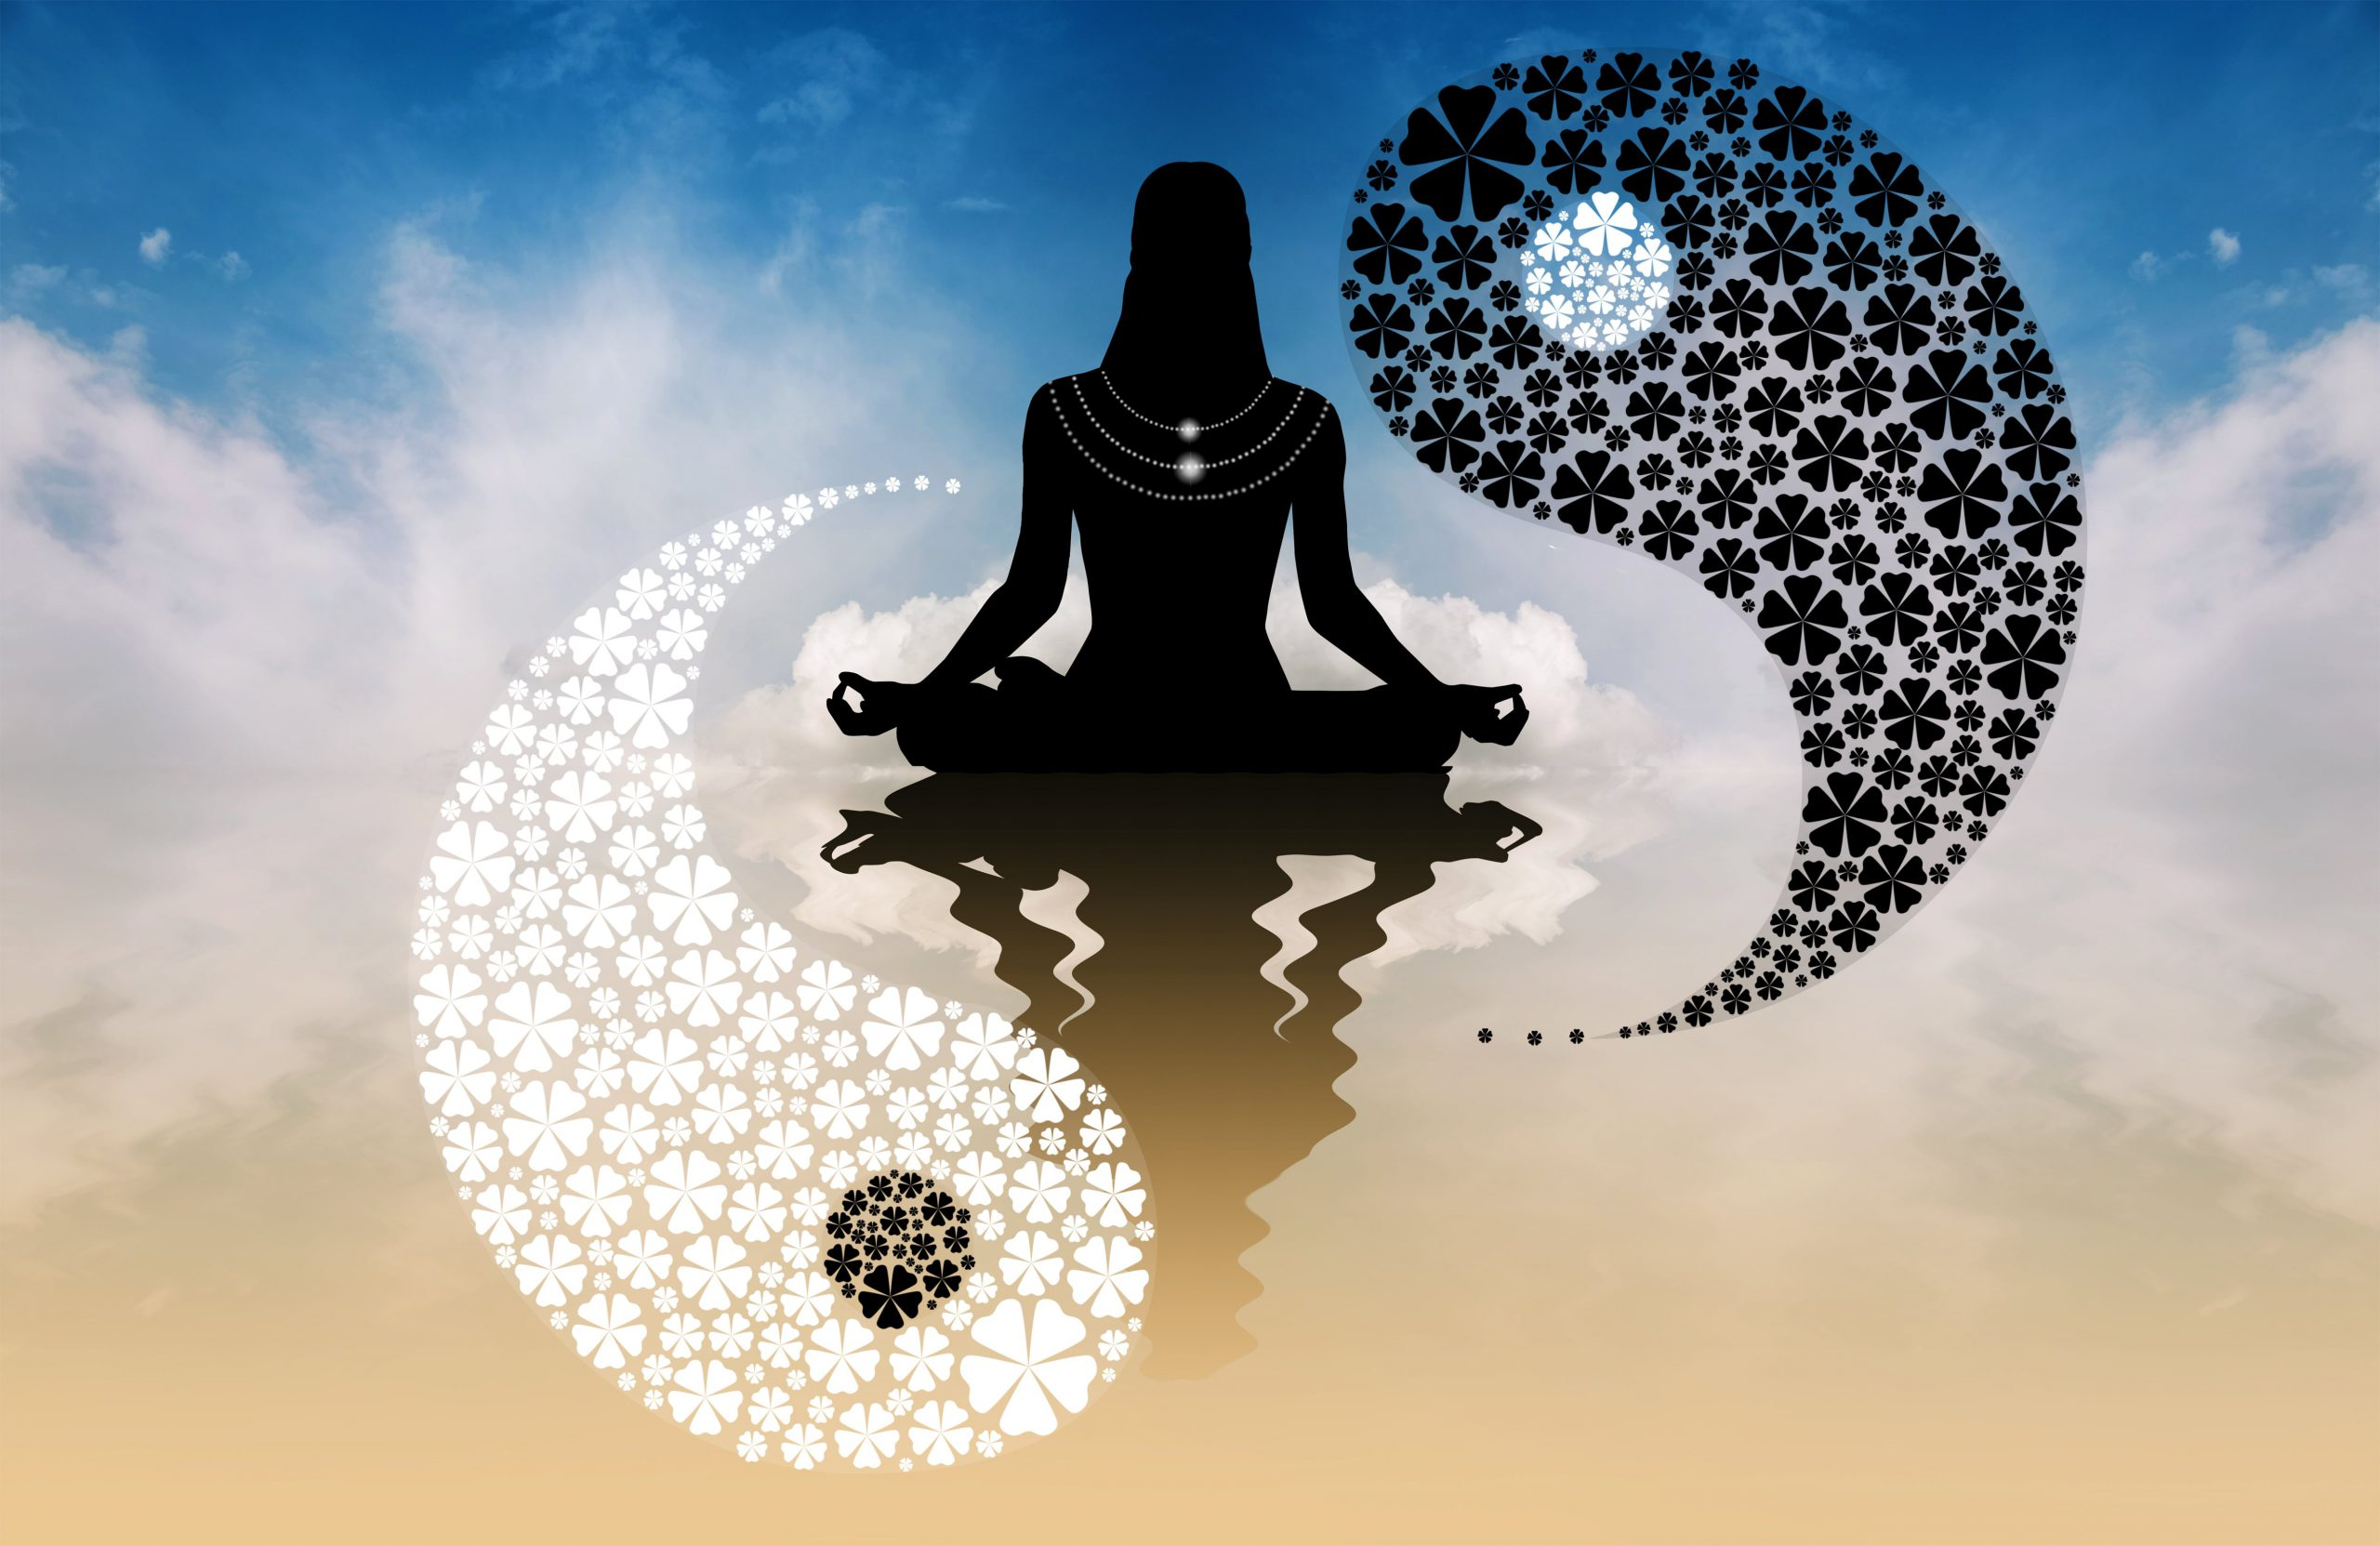 Yin /Yang posture